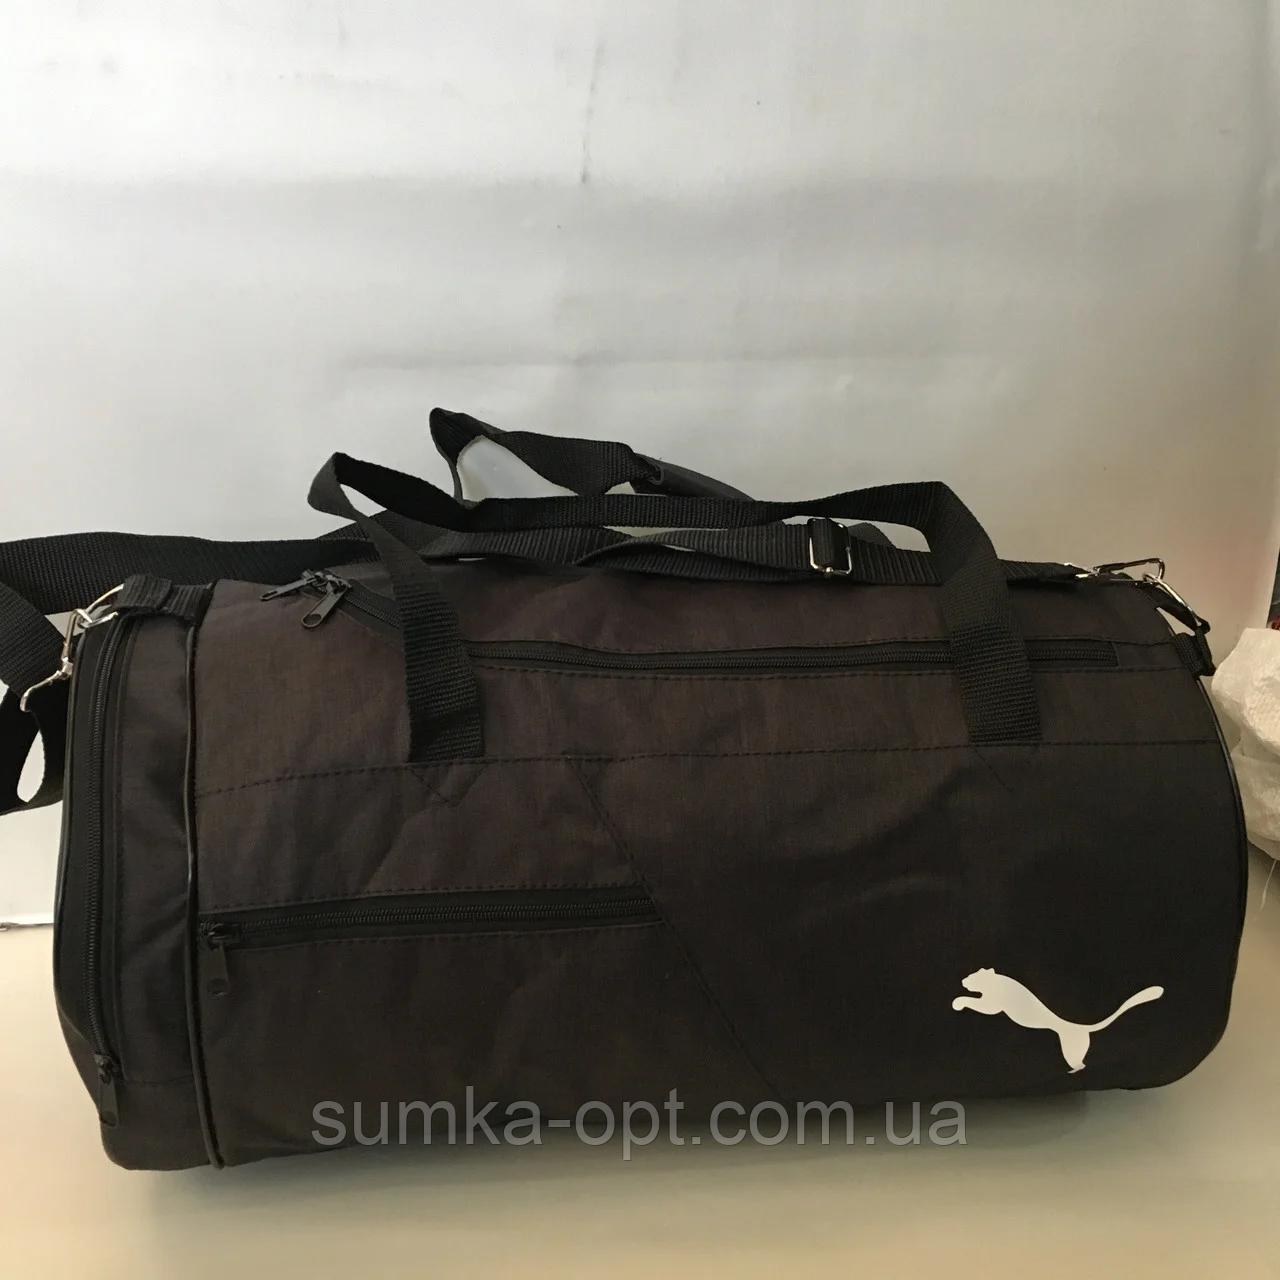 Спортивные сумки в ассортименте на 3отделения  (ЧЕРНЫЙ)22Х26Х47